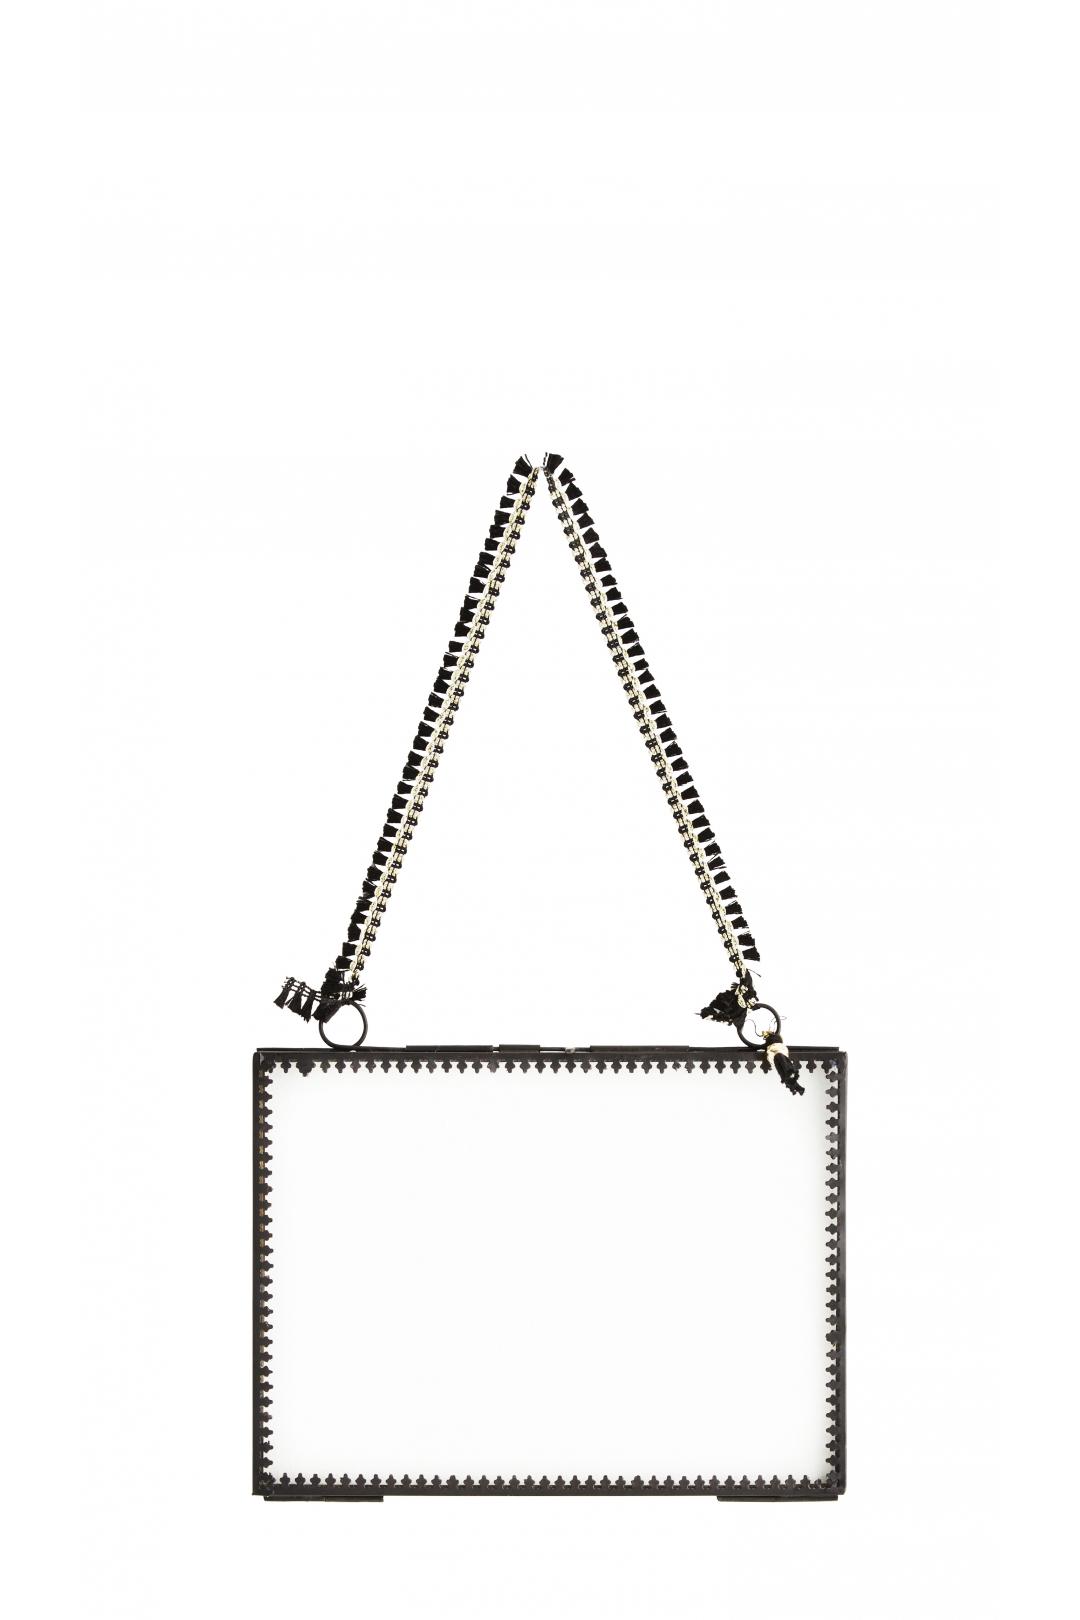 PETIT cadre à suspendre horizontal NOIR & pompon noir 20x15 cm